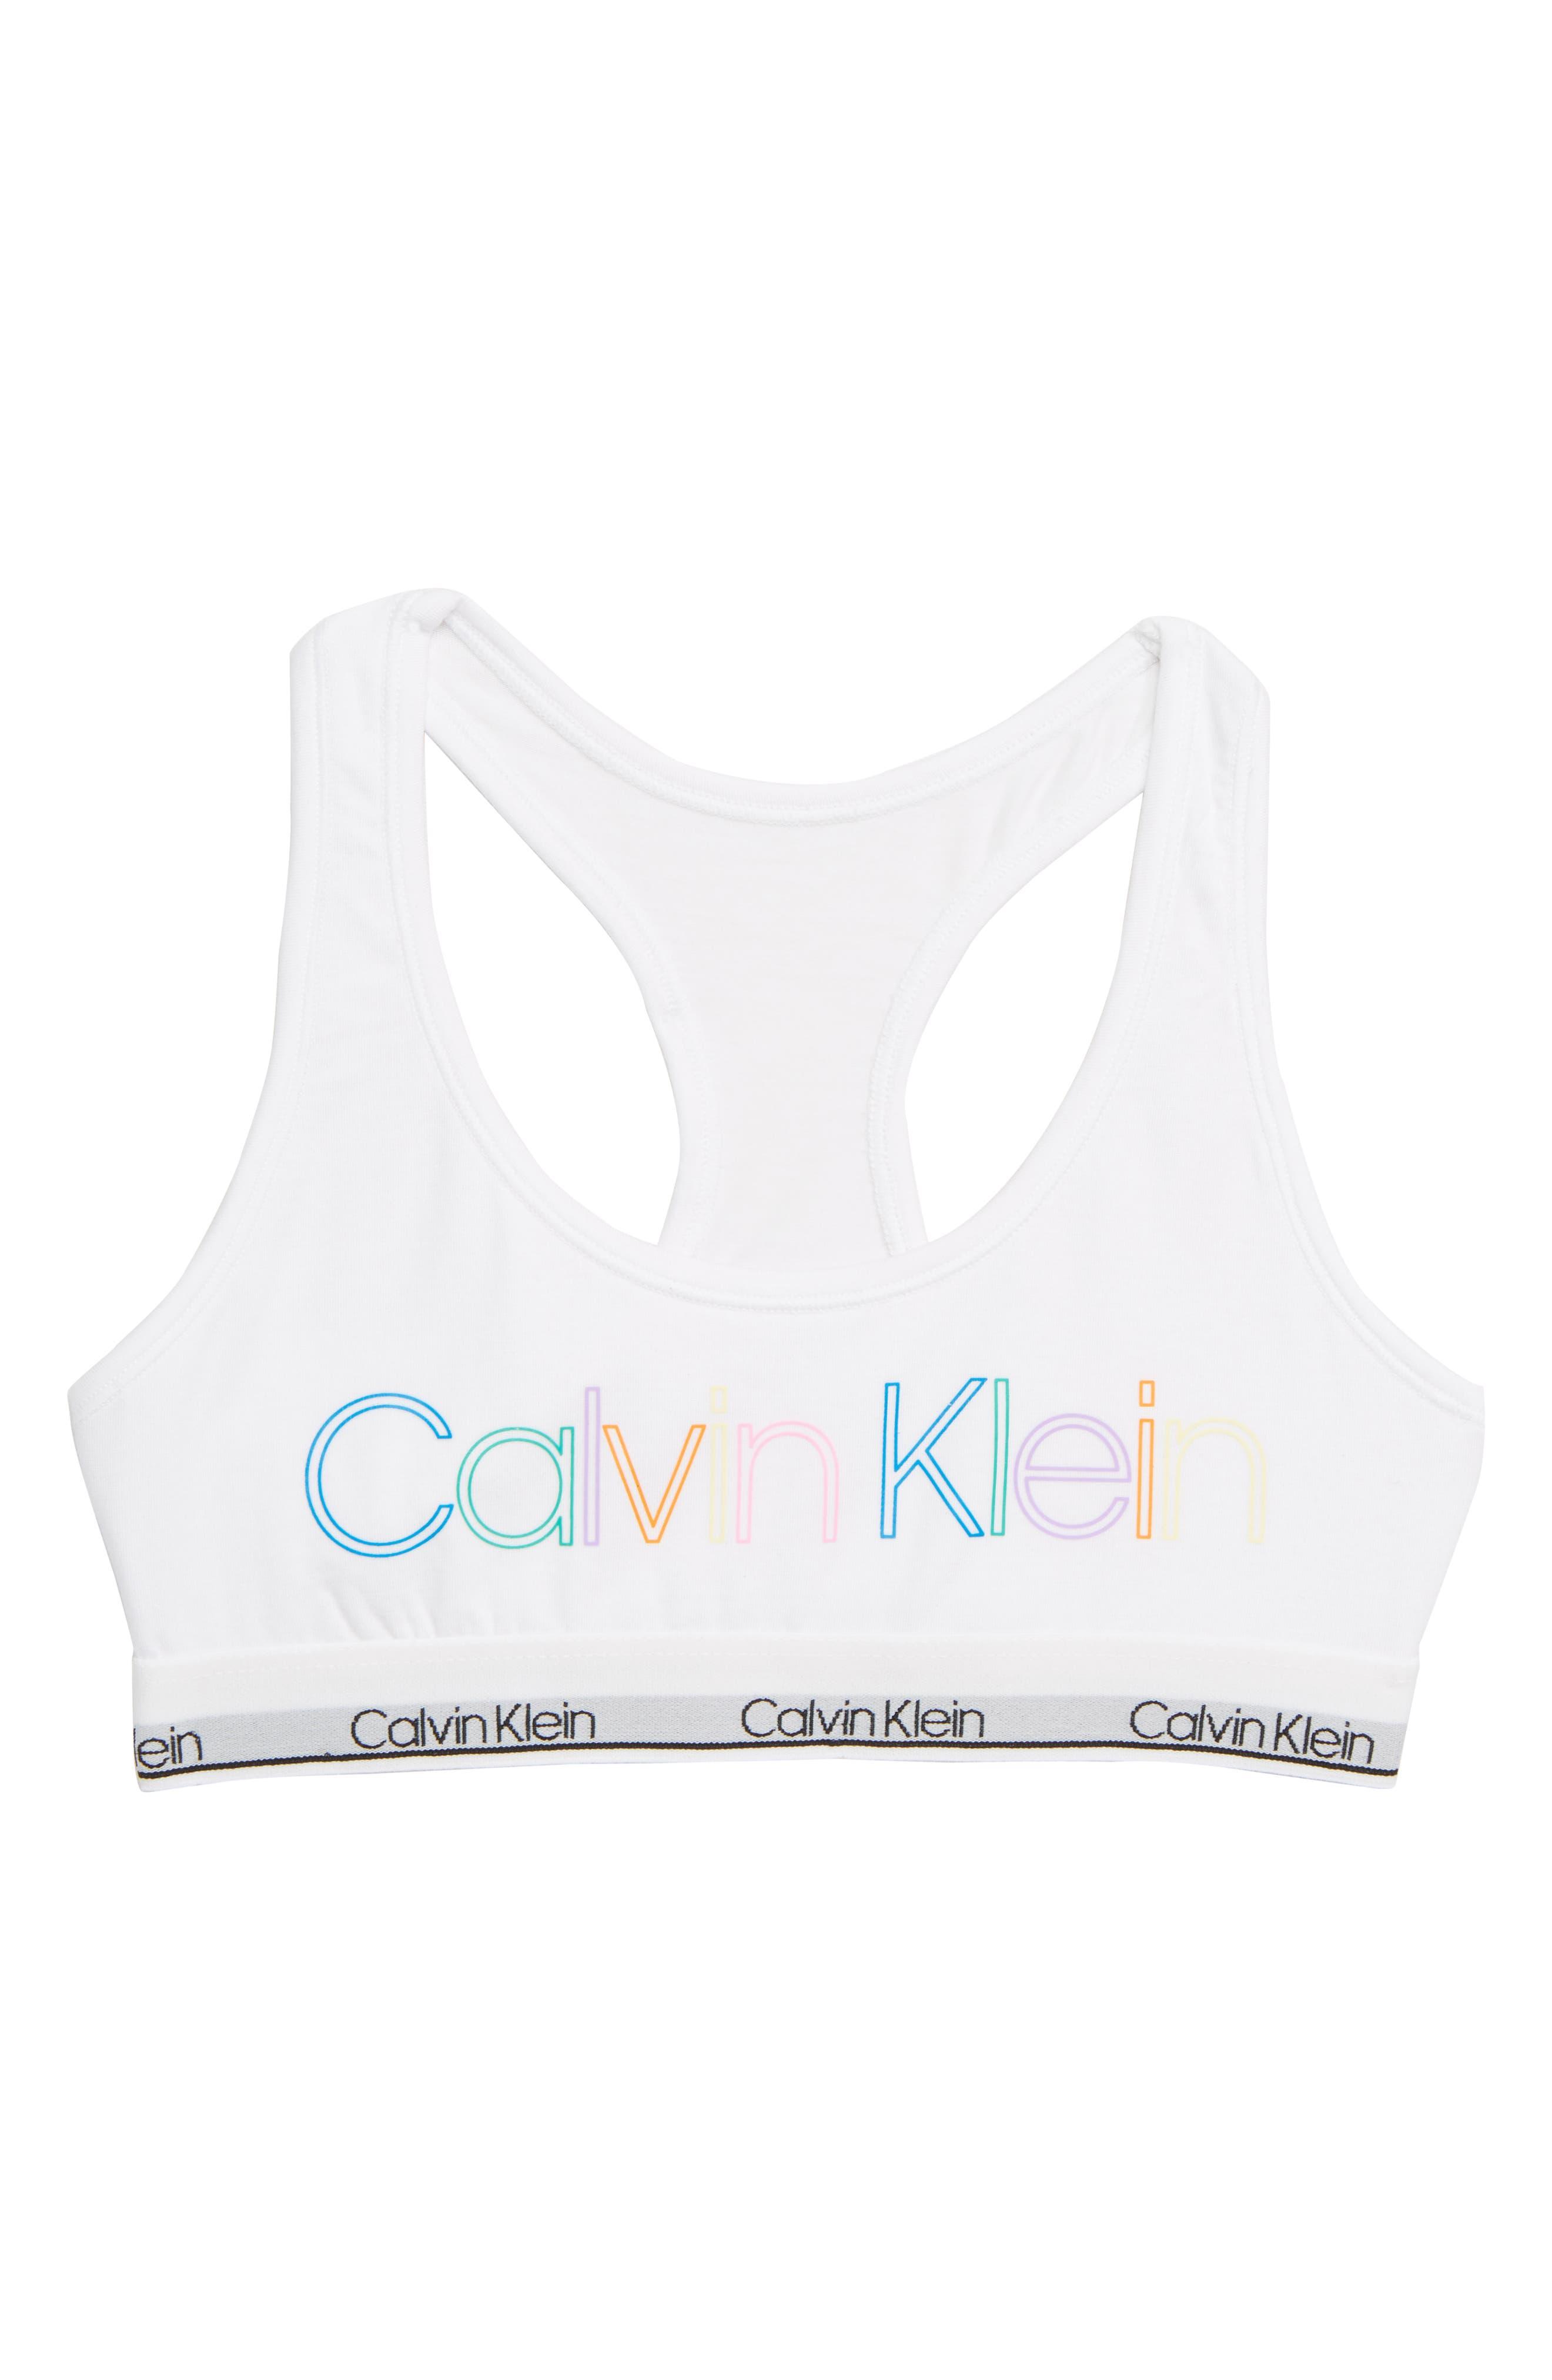 70d627f22d1b5 Girls  Calvin Klein Underwear   Bras